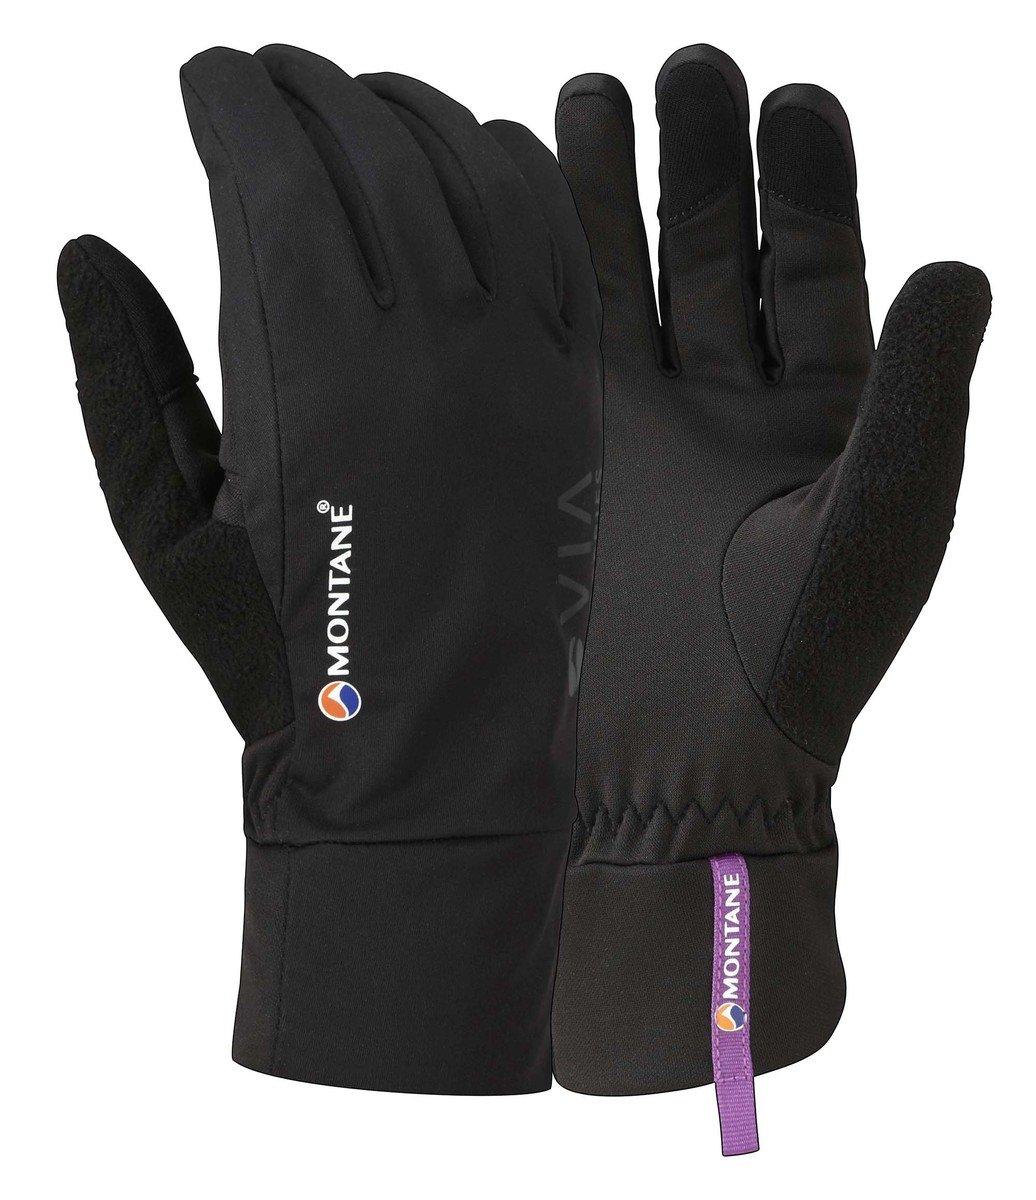 英國女裝跑山抗風抗雨手套VIA TRAIL GLOVE-黑色